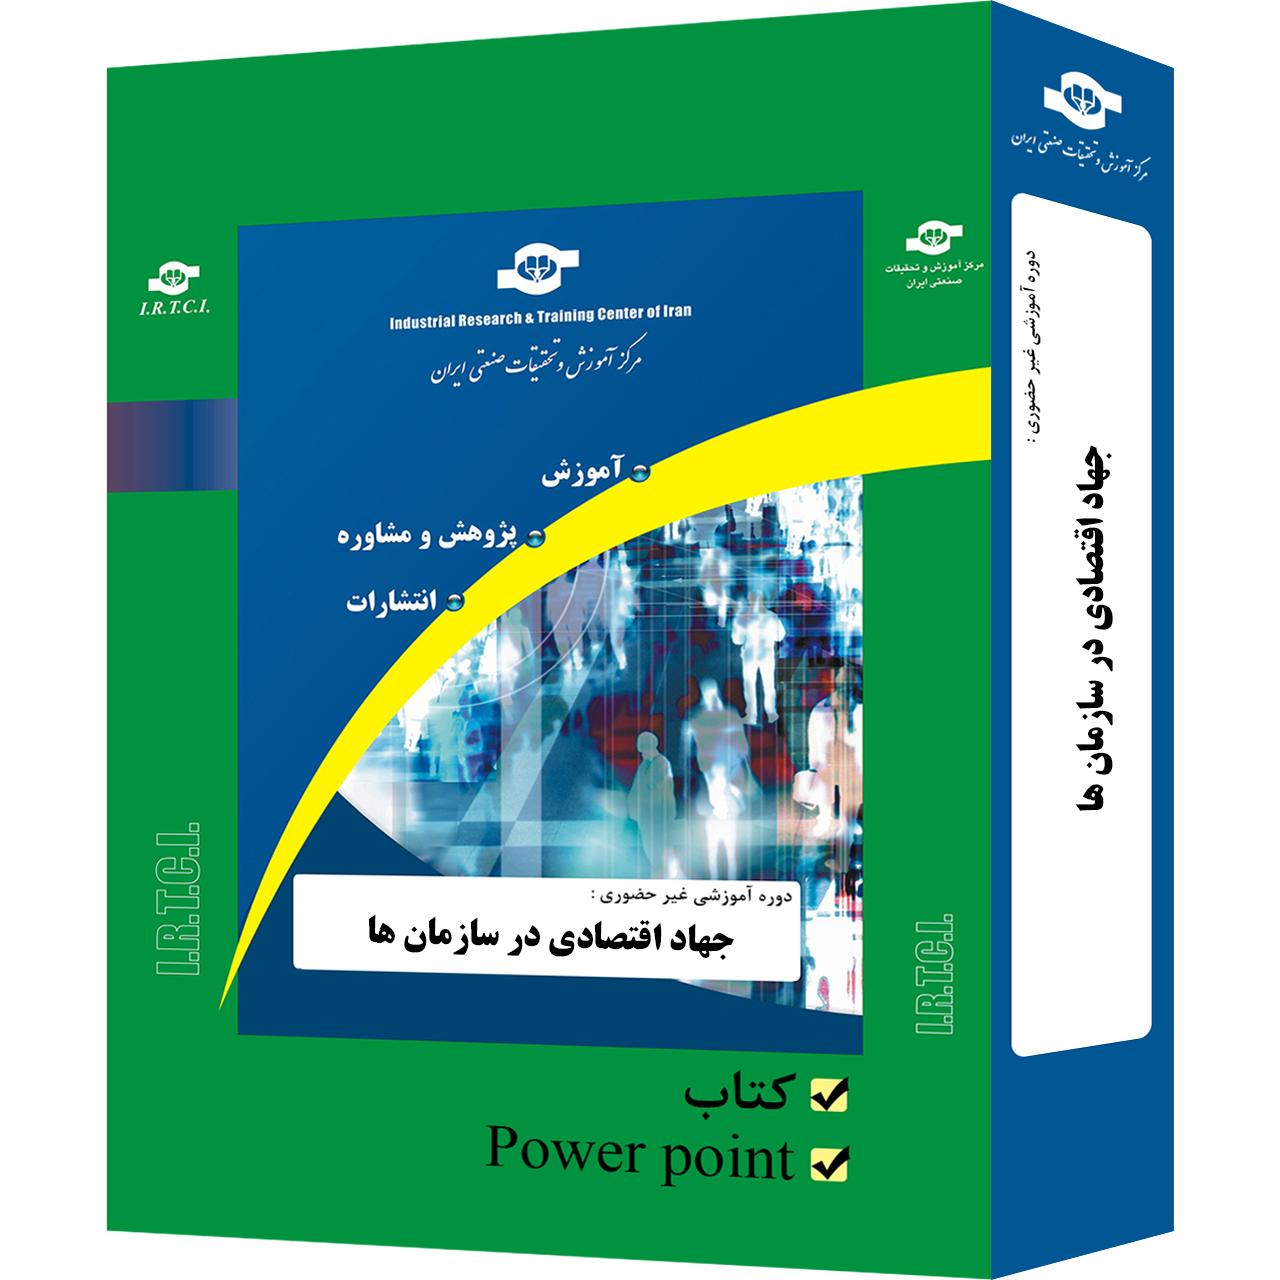 بسته آموزشی غیر حضوری جهاد اقتصادی در سازمان ها تدوین مرکز آموزش و تحقیقات صنعتی ایران